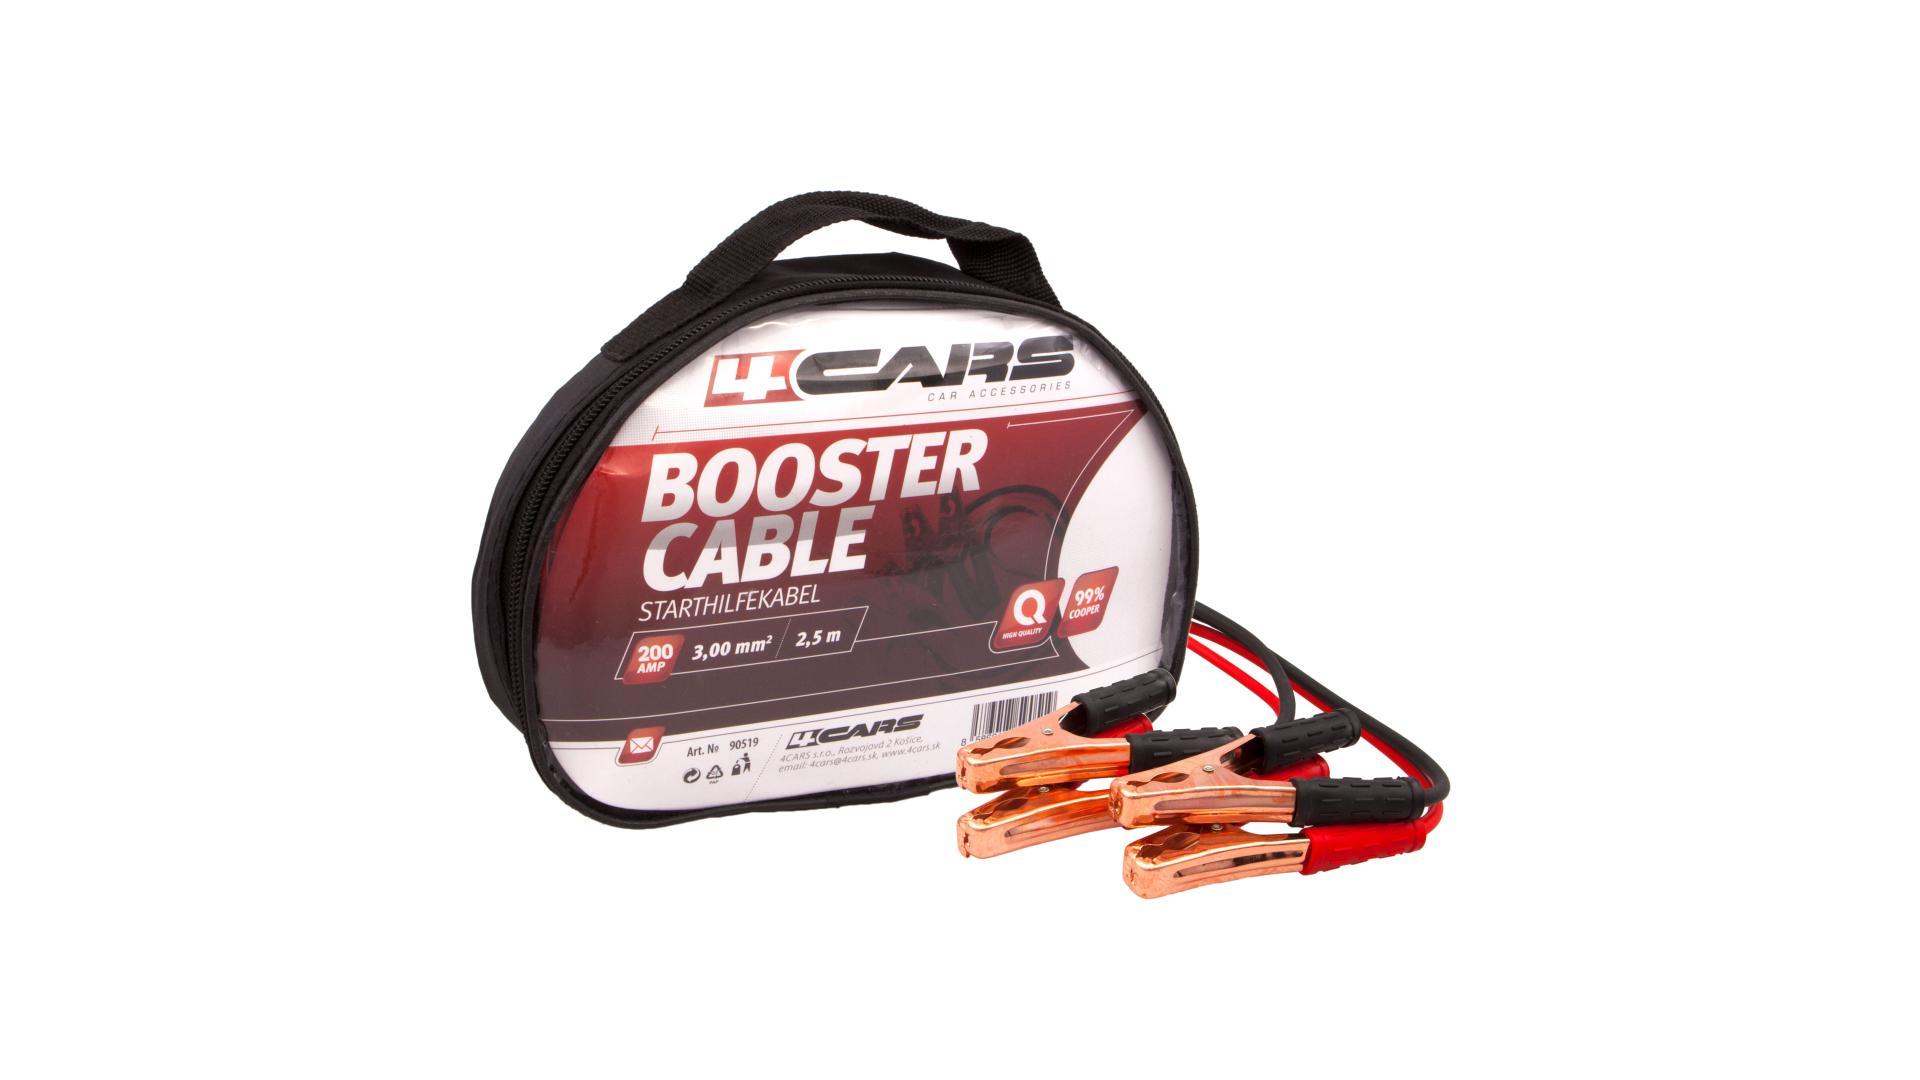 4CARS Startovací kabely 200amp, 3.0mm², 2.5m